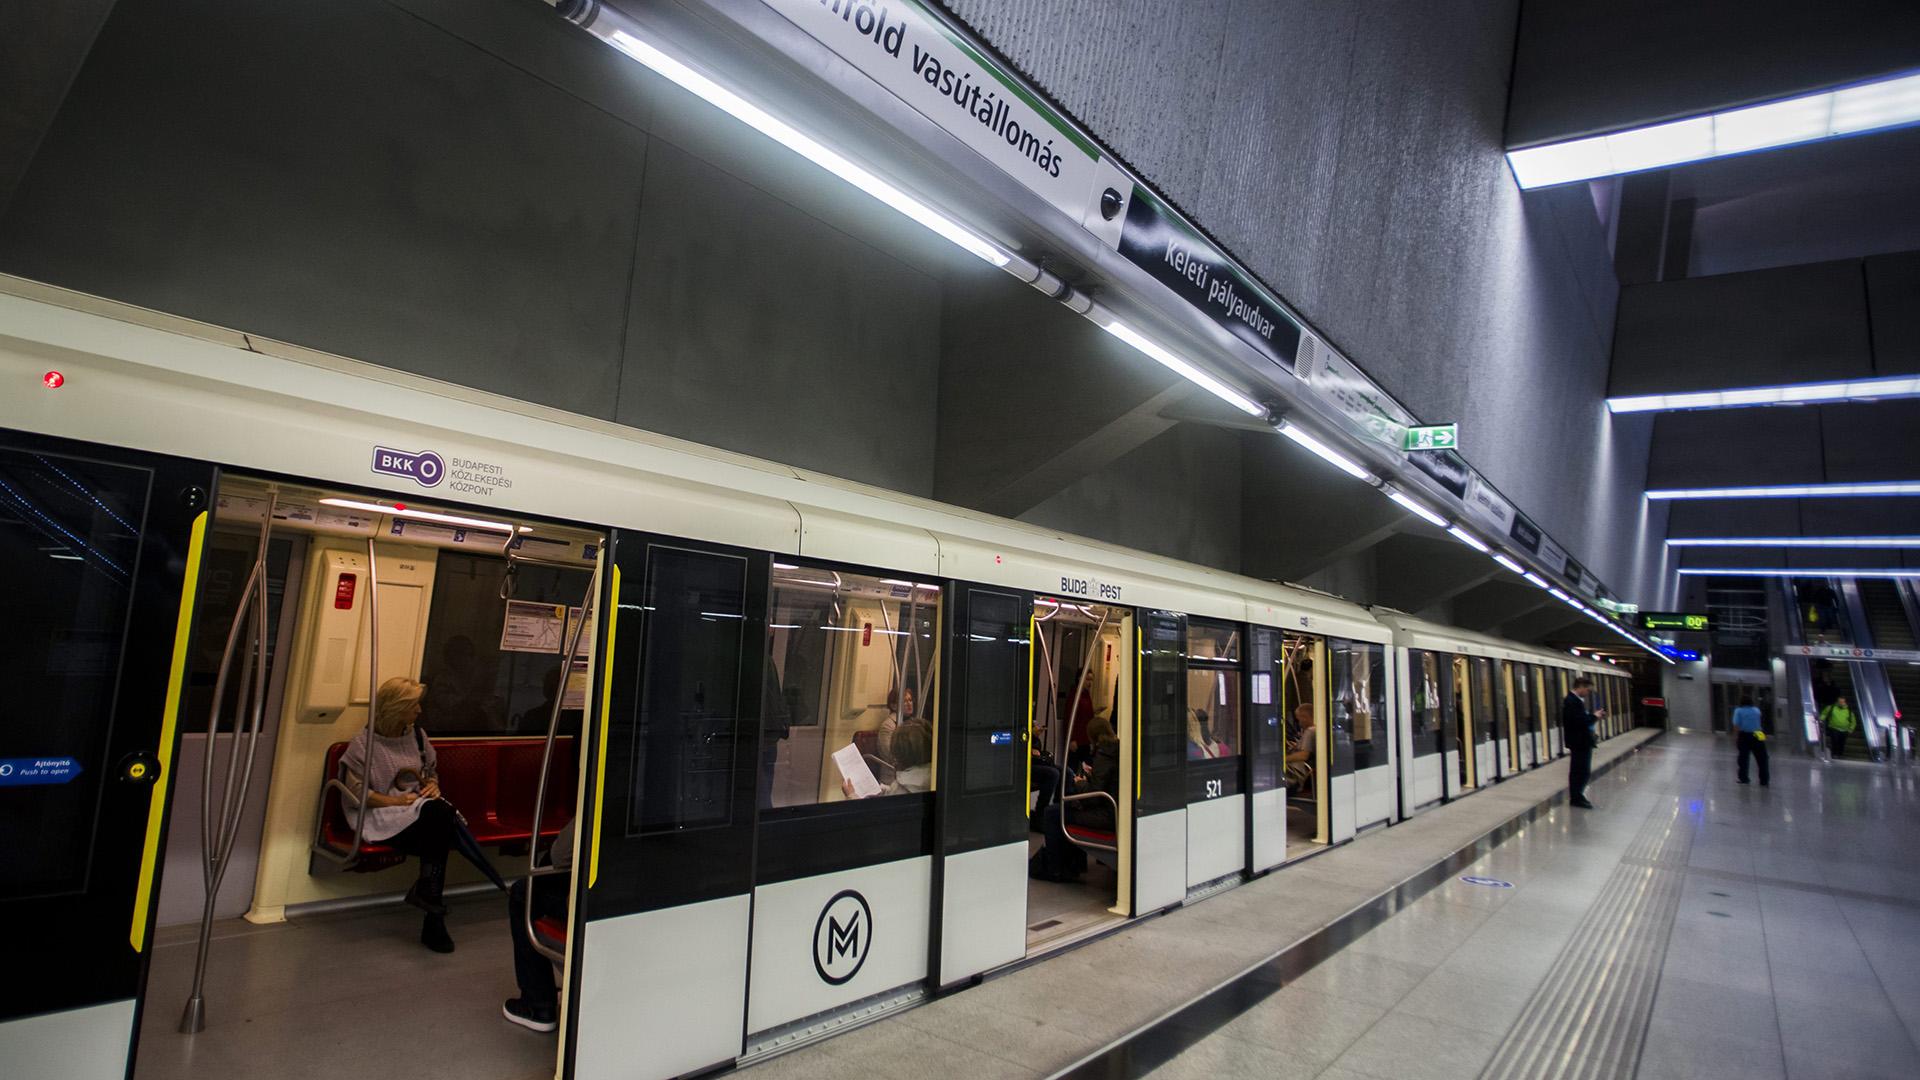 A 4-es metró szerelvénye